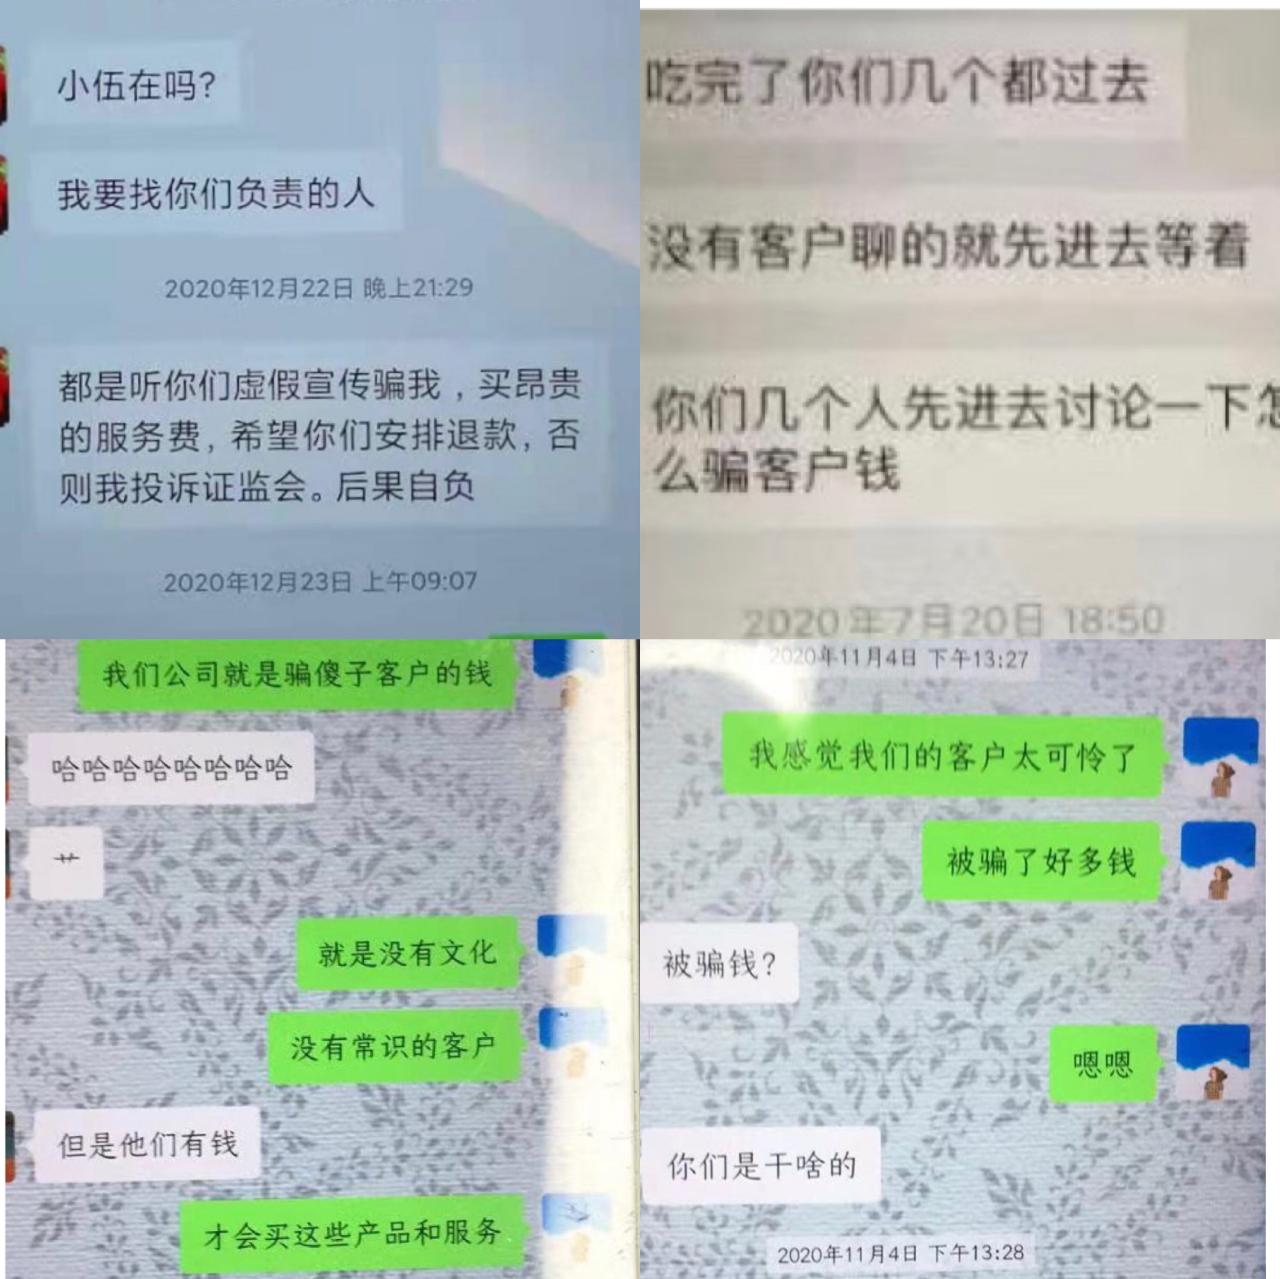 图片来源;深圳龙岗警方官方微信